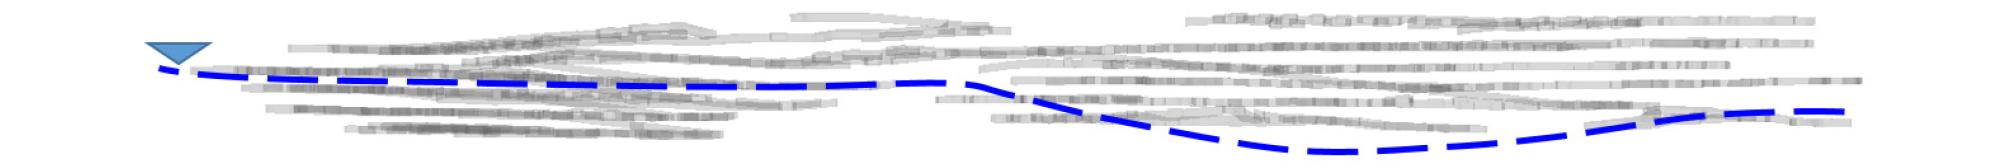 http://static.apub.kr/journalsite/sites/ksmer/2019-056-06/N0330560602/images/ksmer_56_06_02_F7.jpg